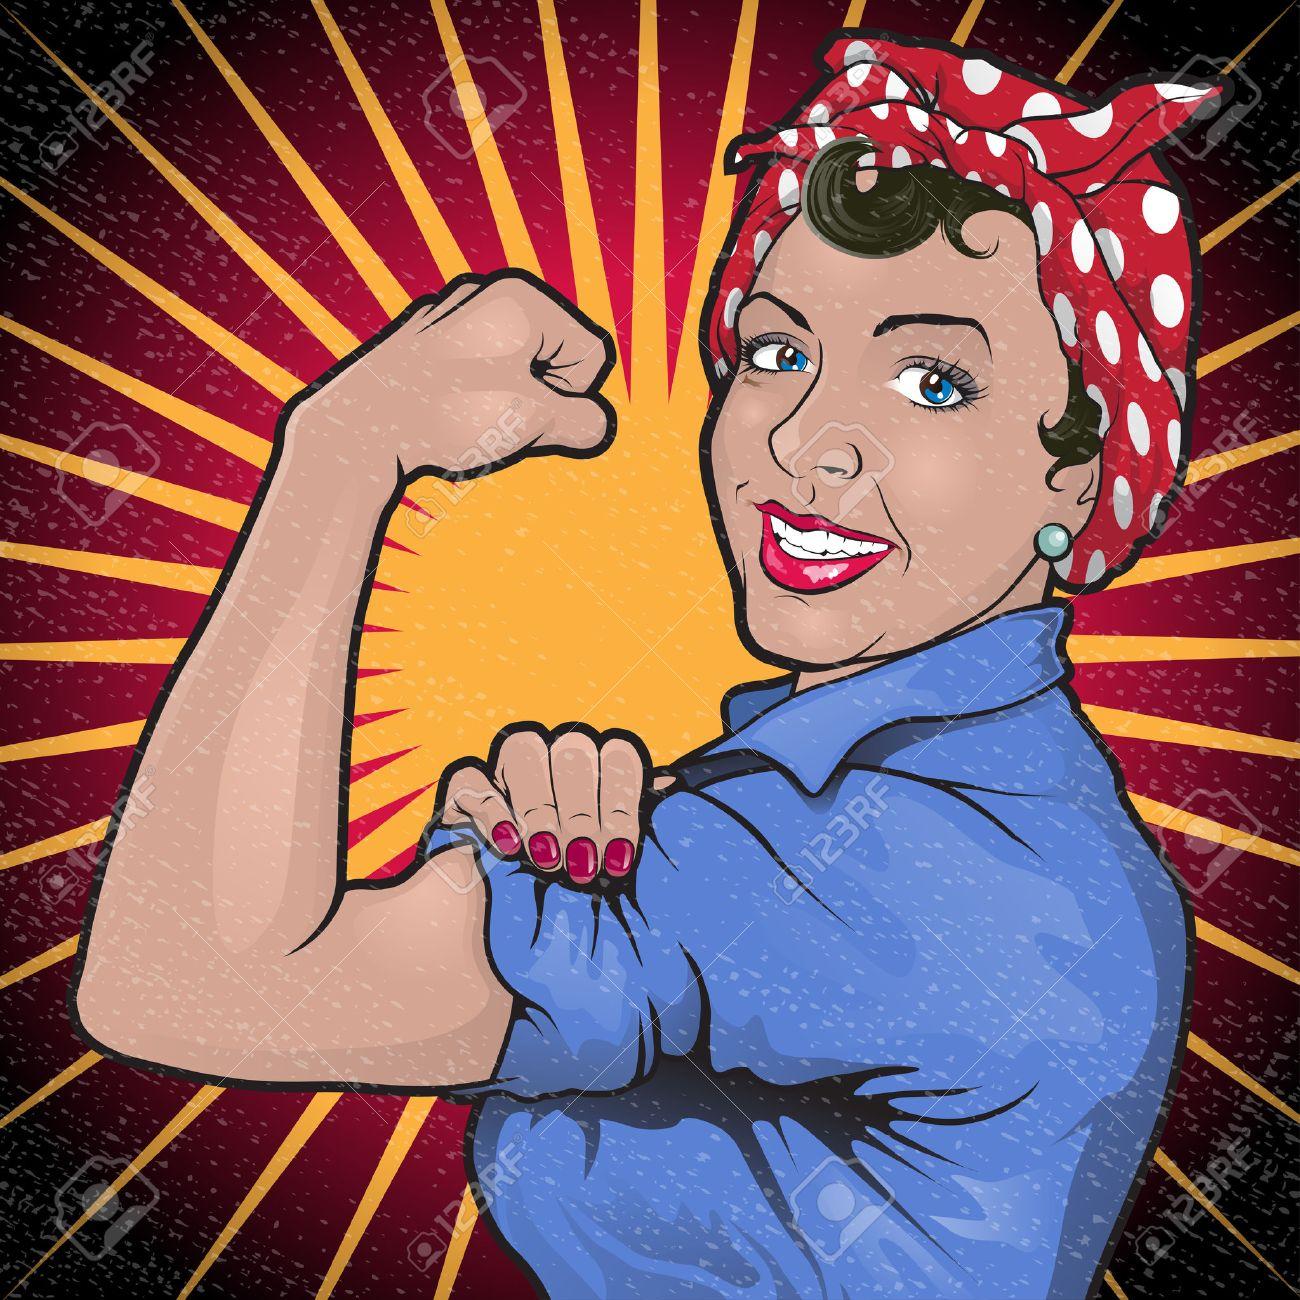 レトロなストング パワフルな女性の偉大なイラストに触発有名な第二次世界大戦プロパガンダ ポスターのロージー リベットが戦争の努力に彼らの役割を果たすことを呼びかけるのイラスト素材 ベクタ Image